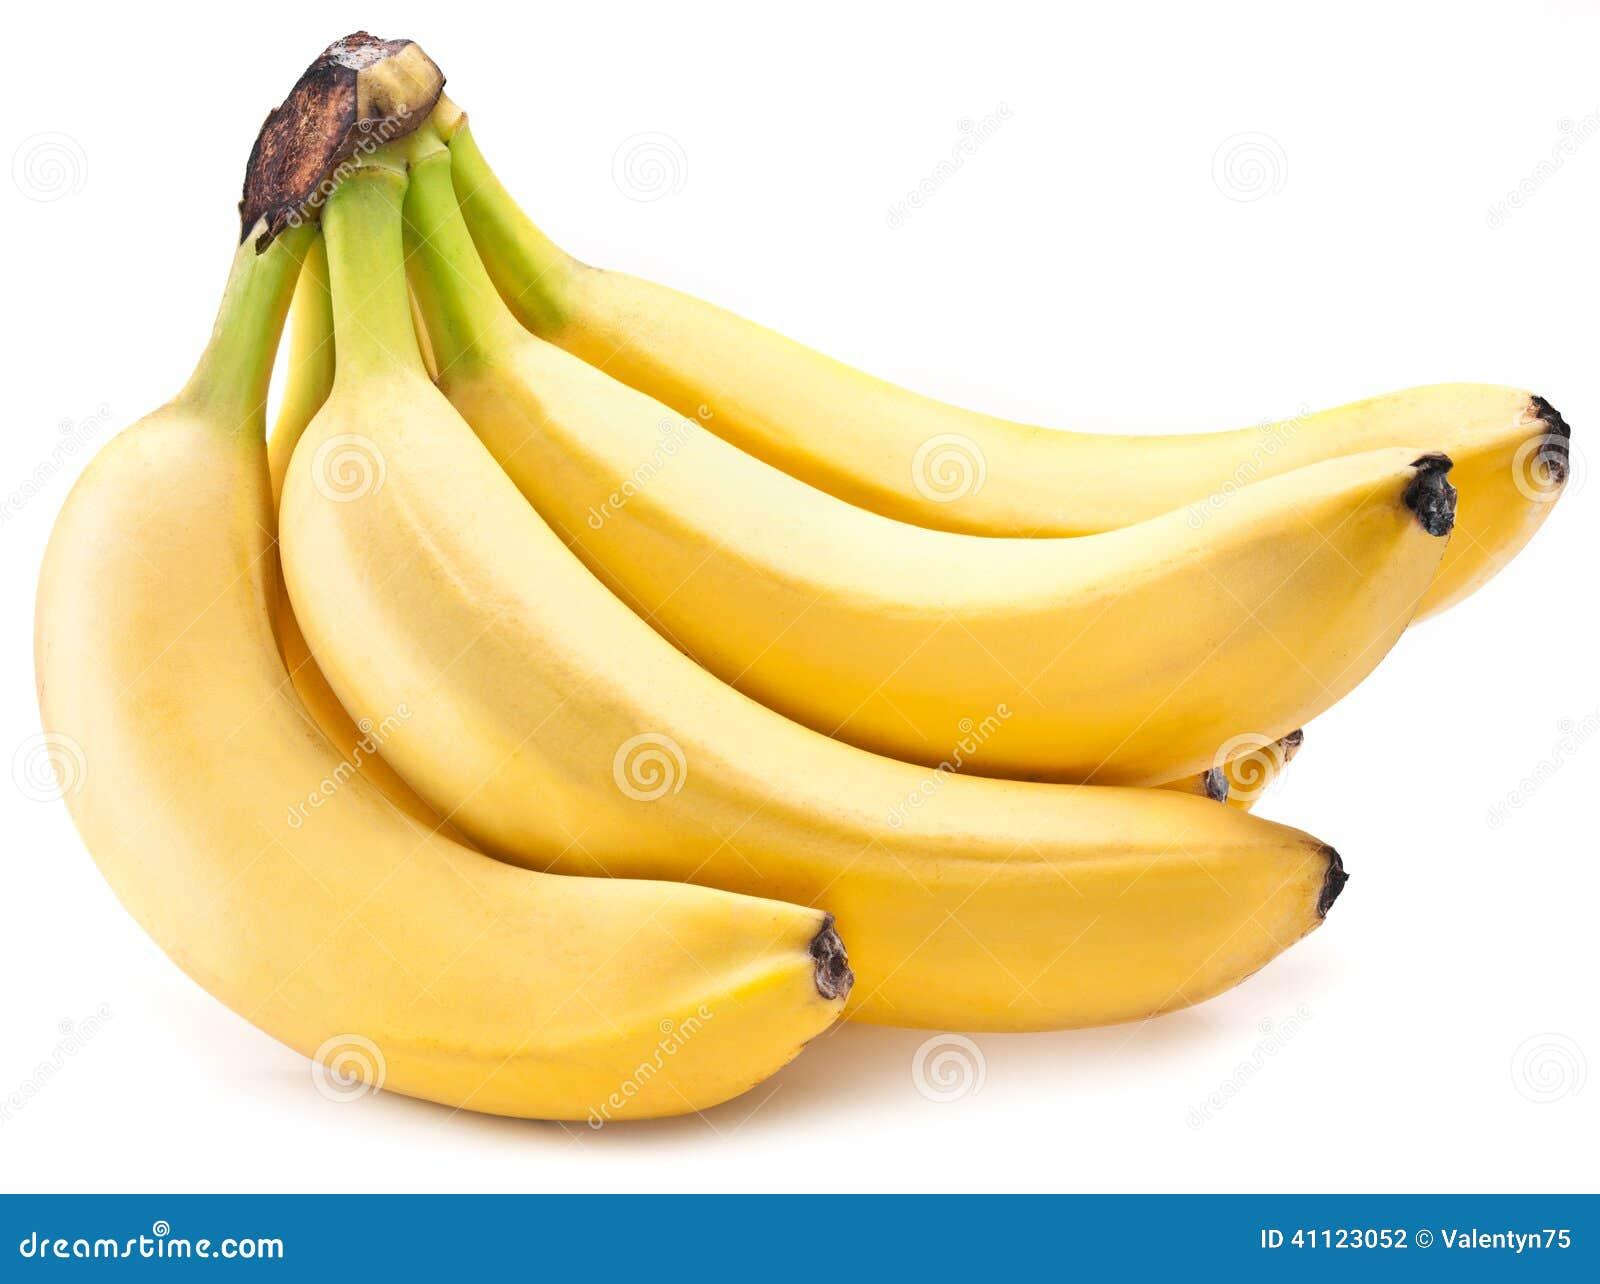 Fruits de banane dessus au-dessus de blanc